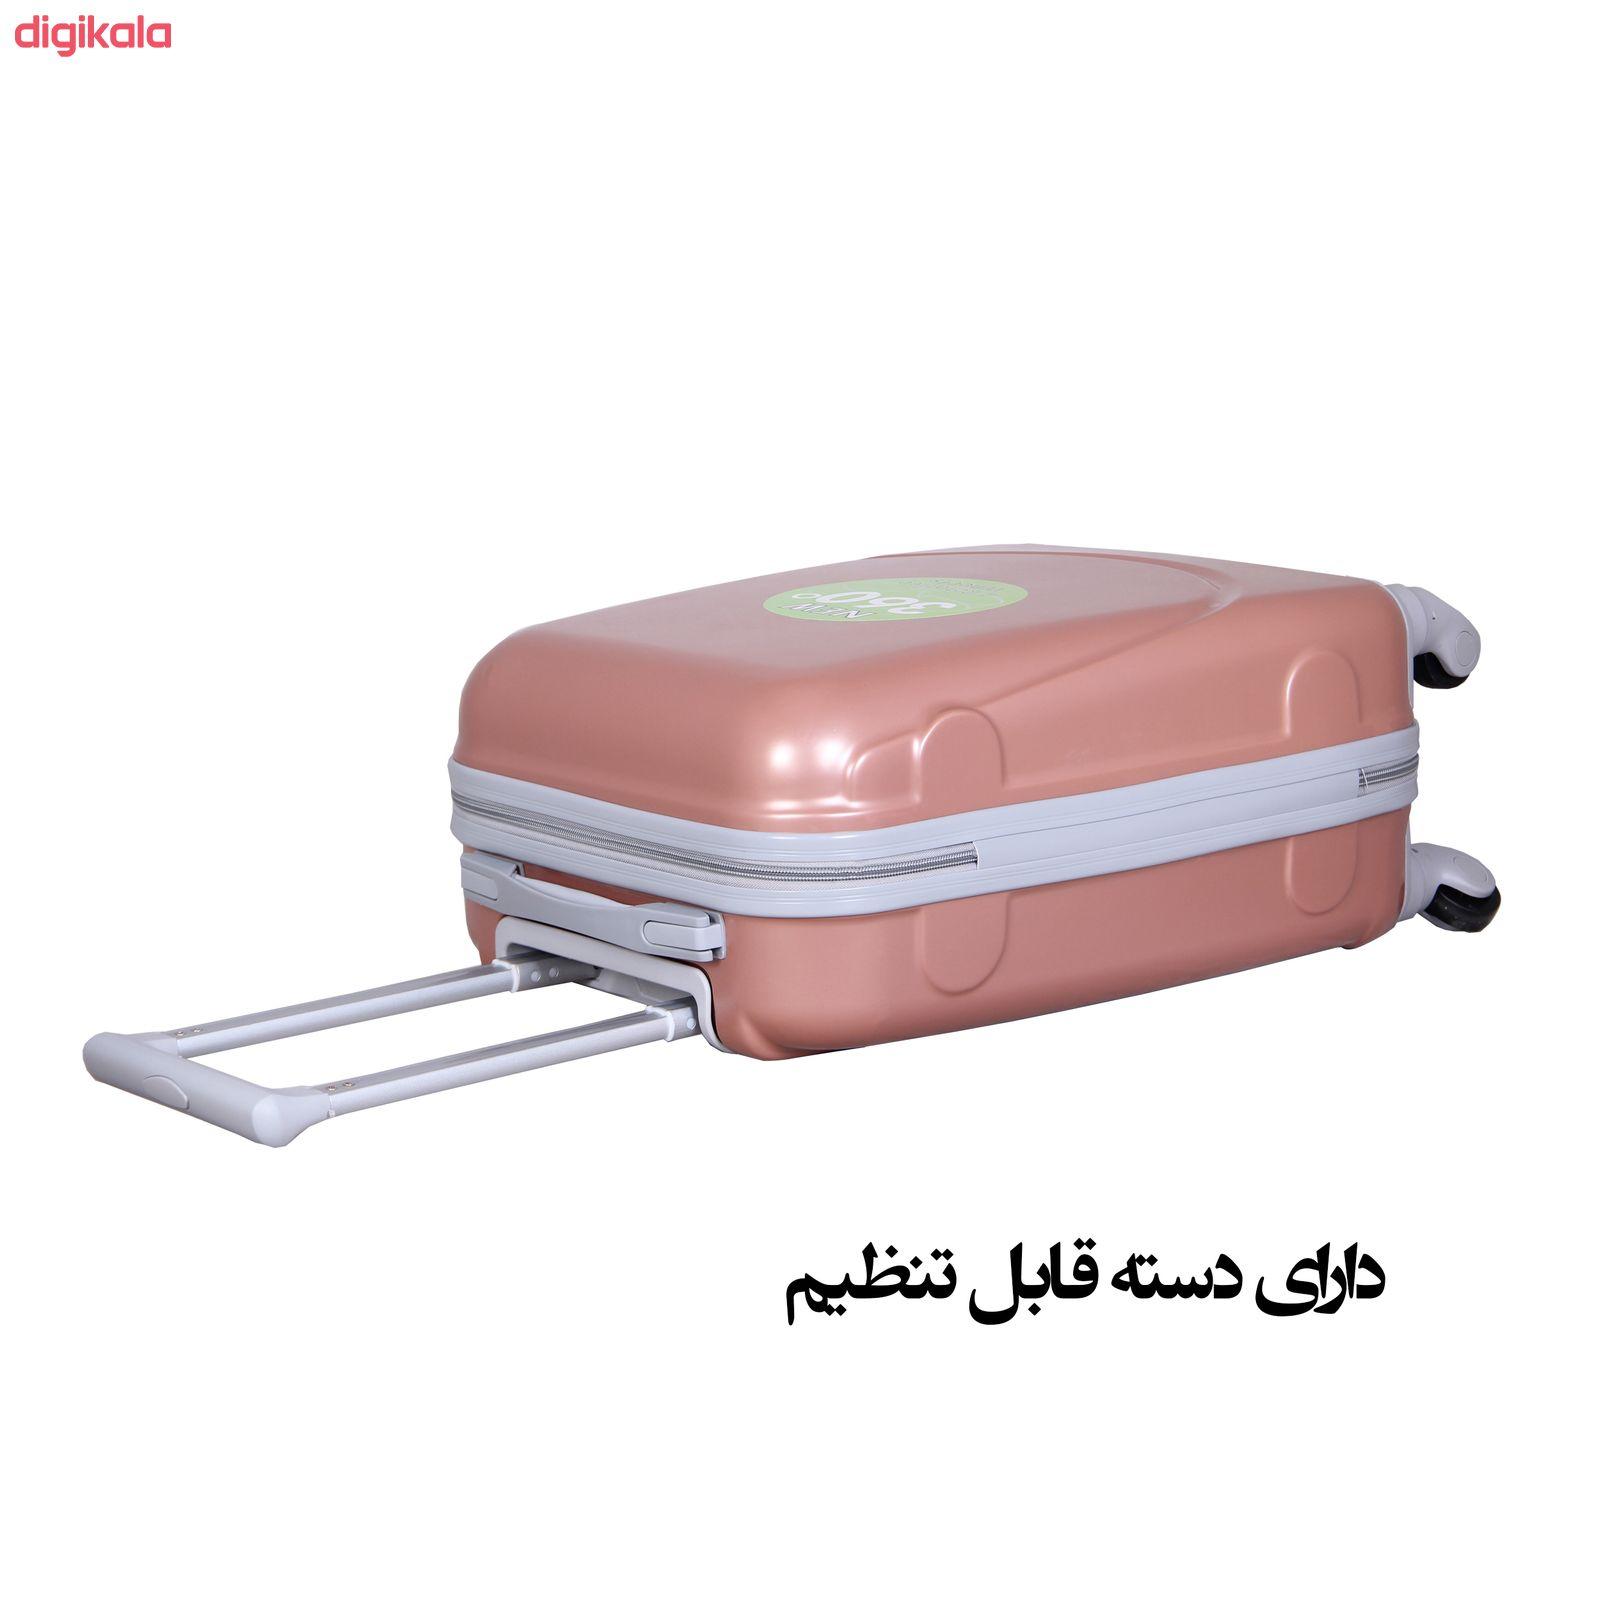 مجموعه سه عدی چمدان مدل 300 main 1 3